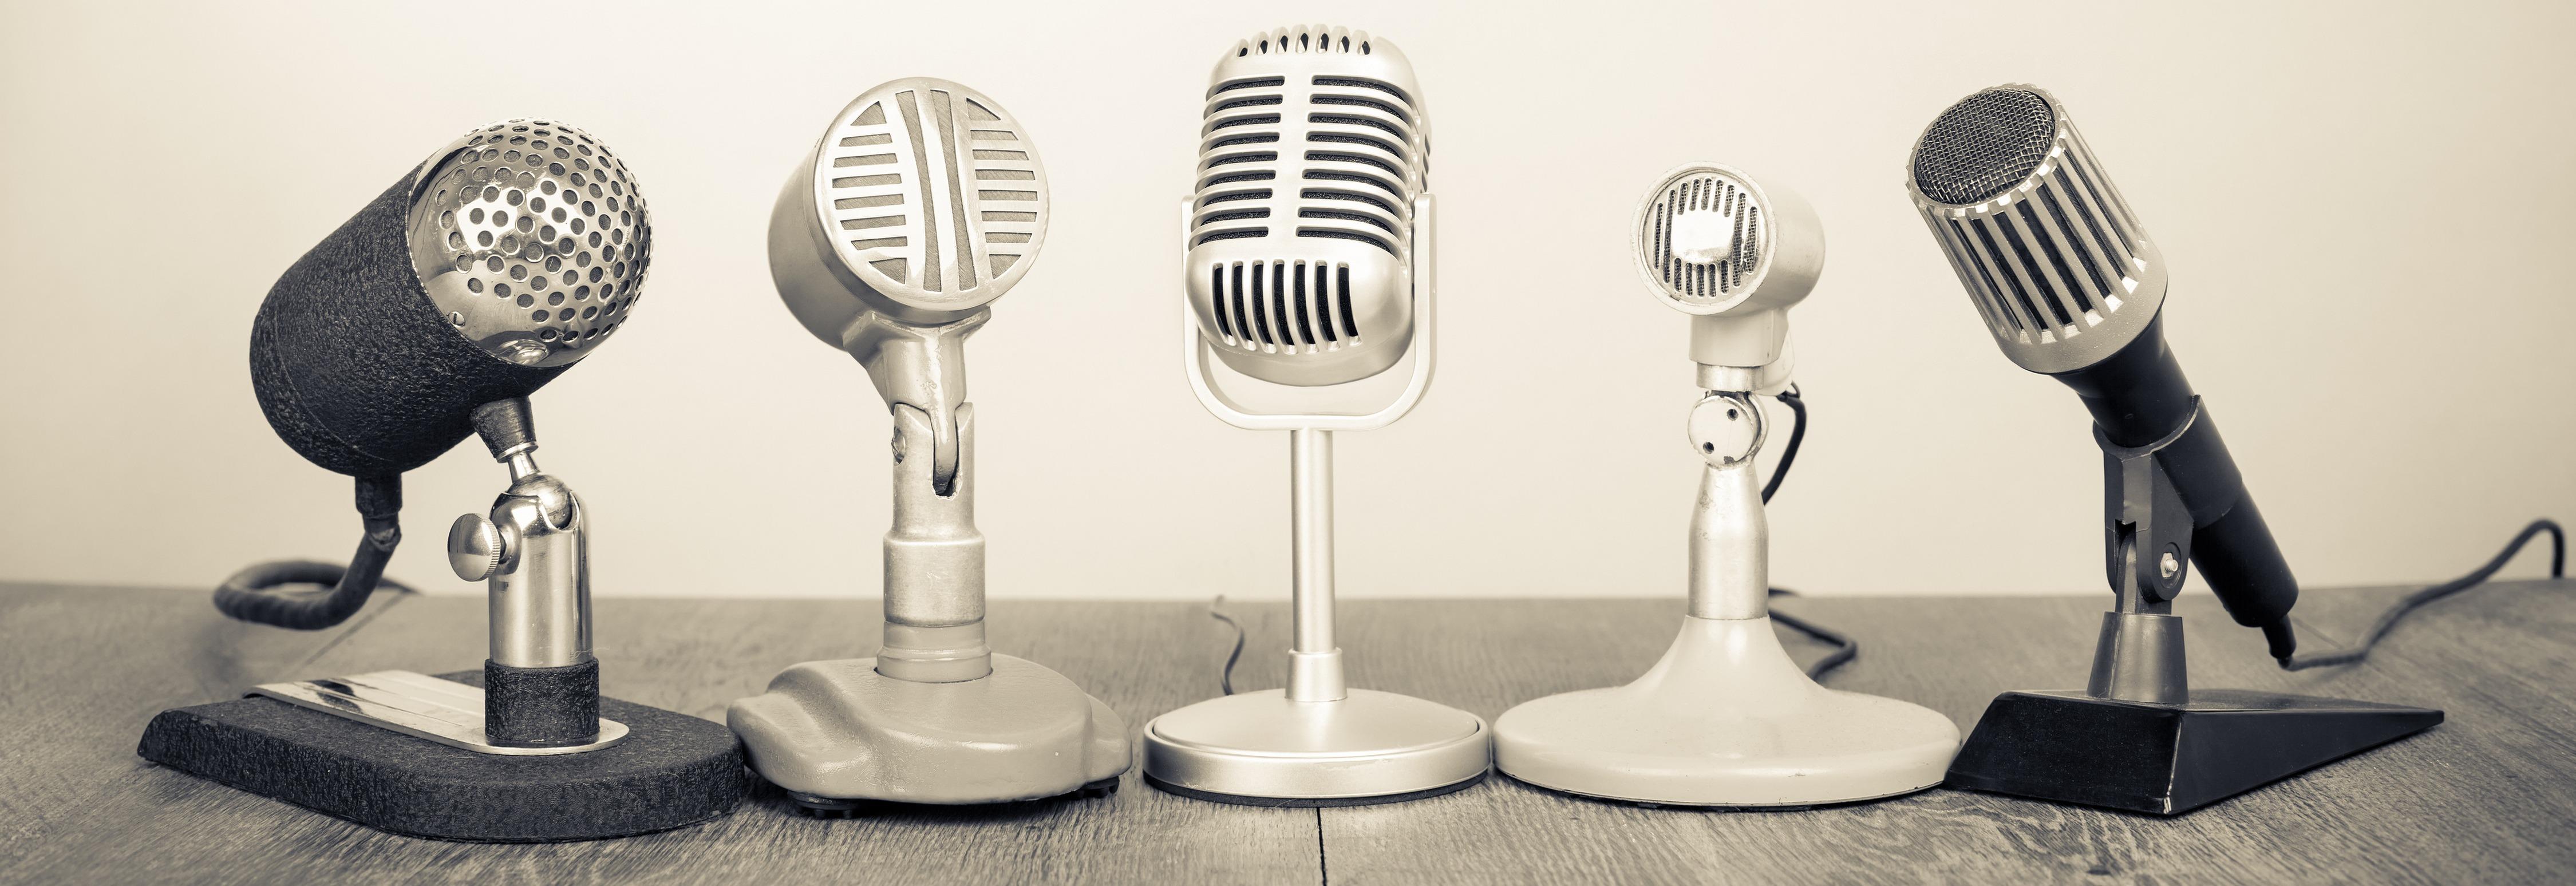 Interview Microphones